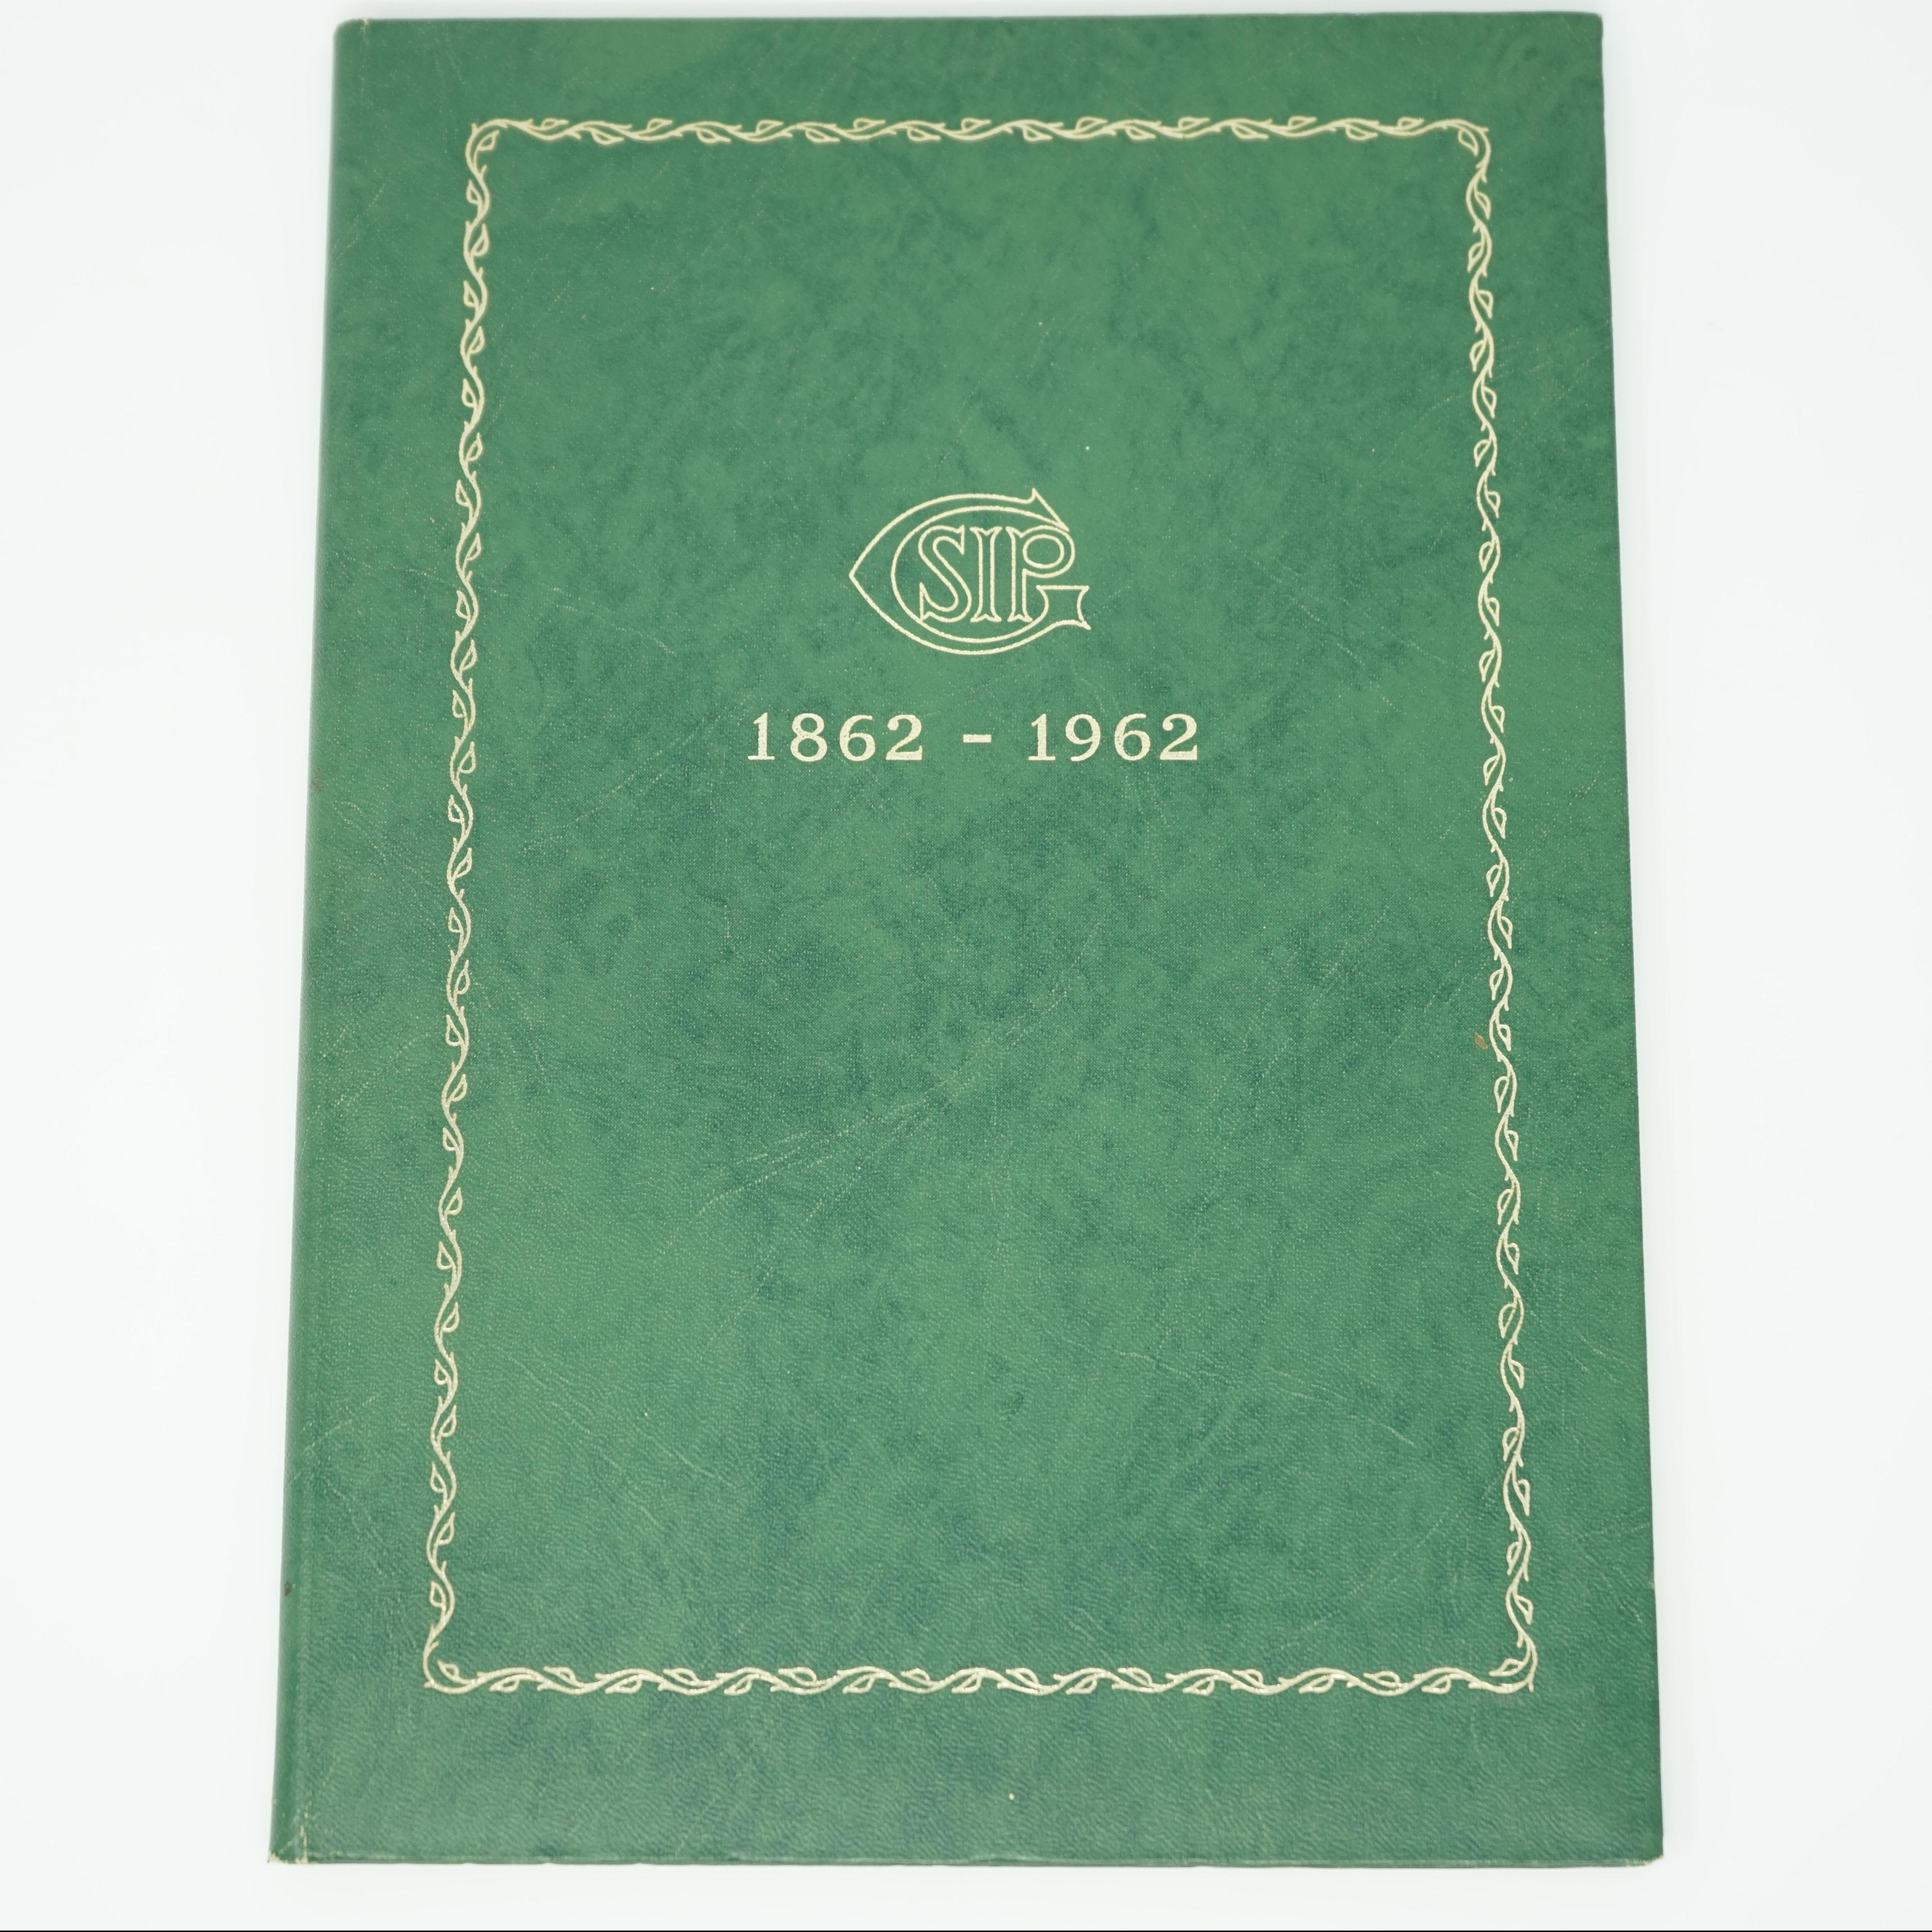 Société Genevoise d'Instruments de Physique